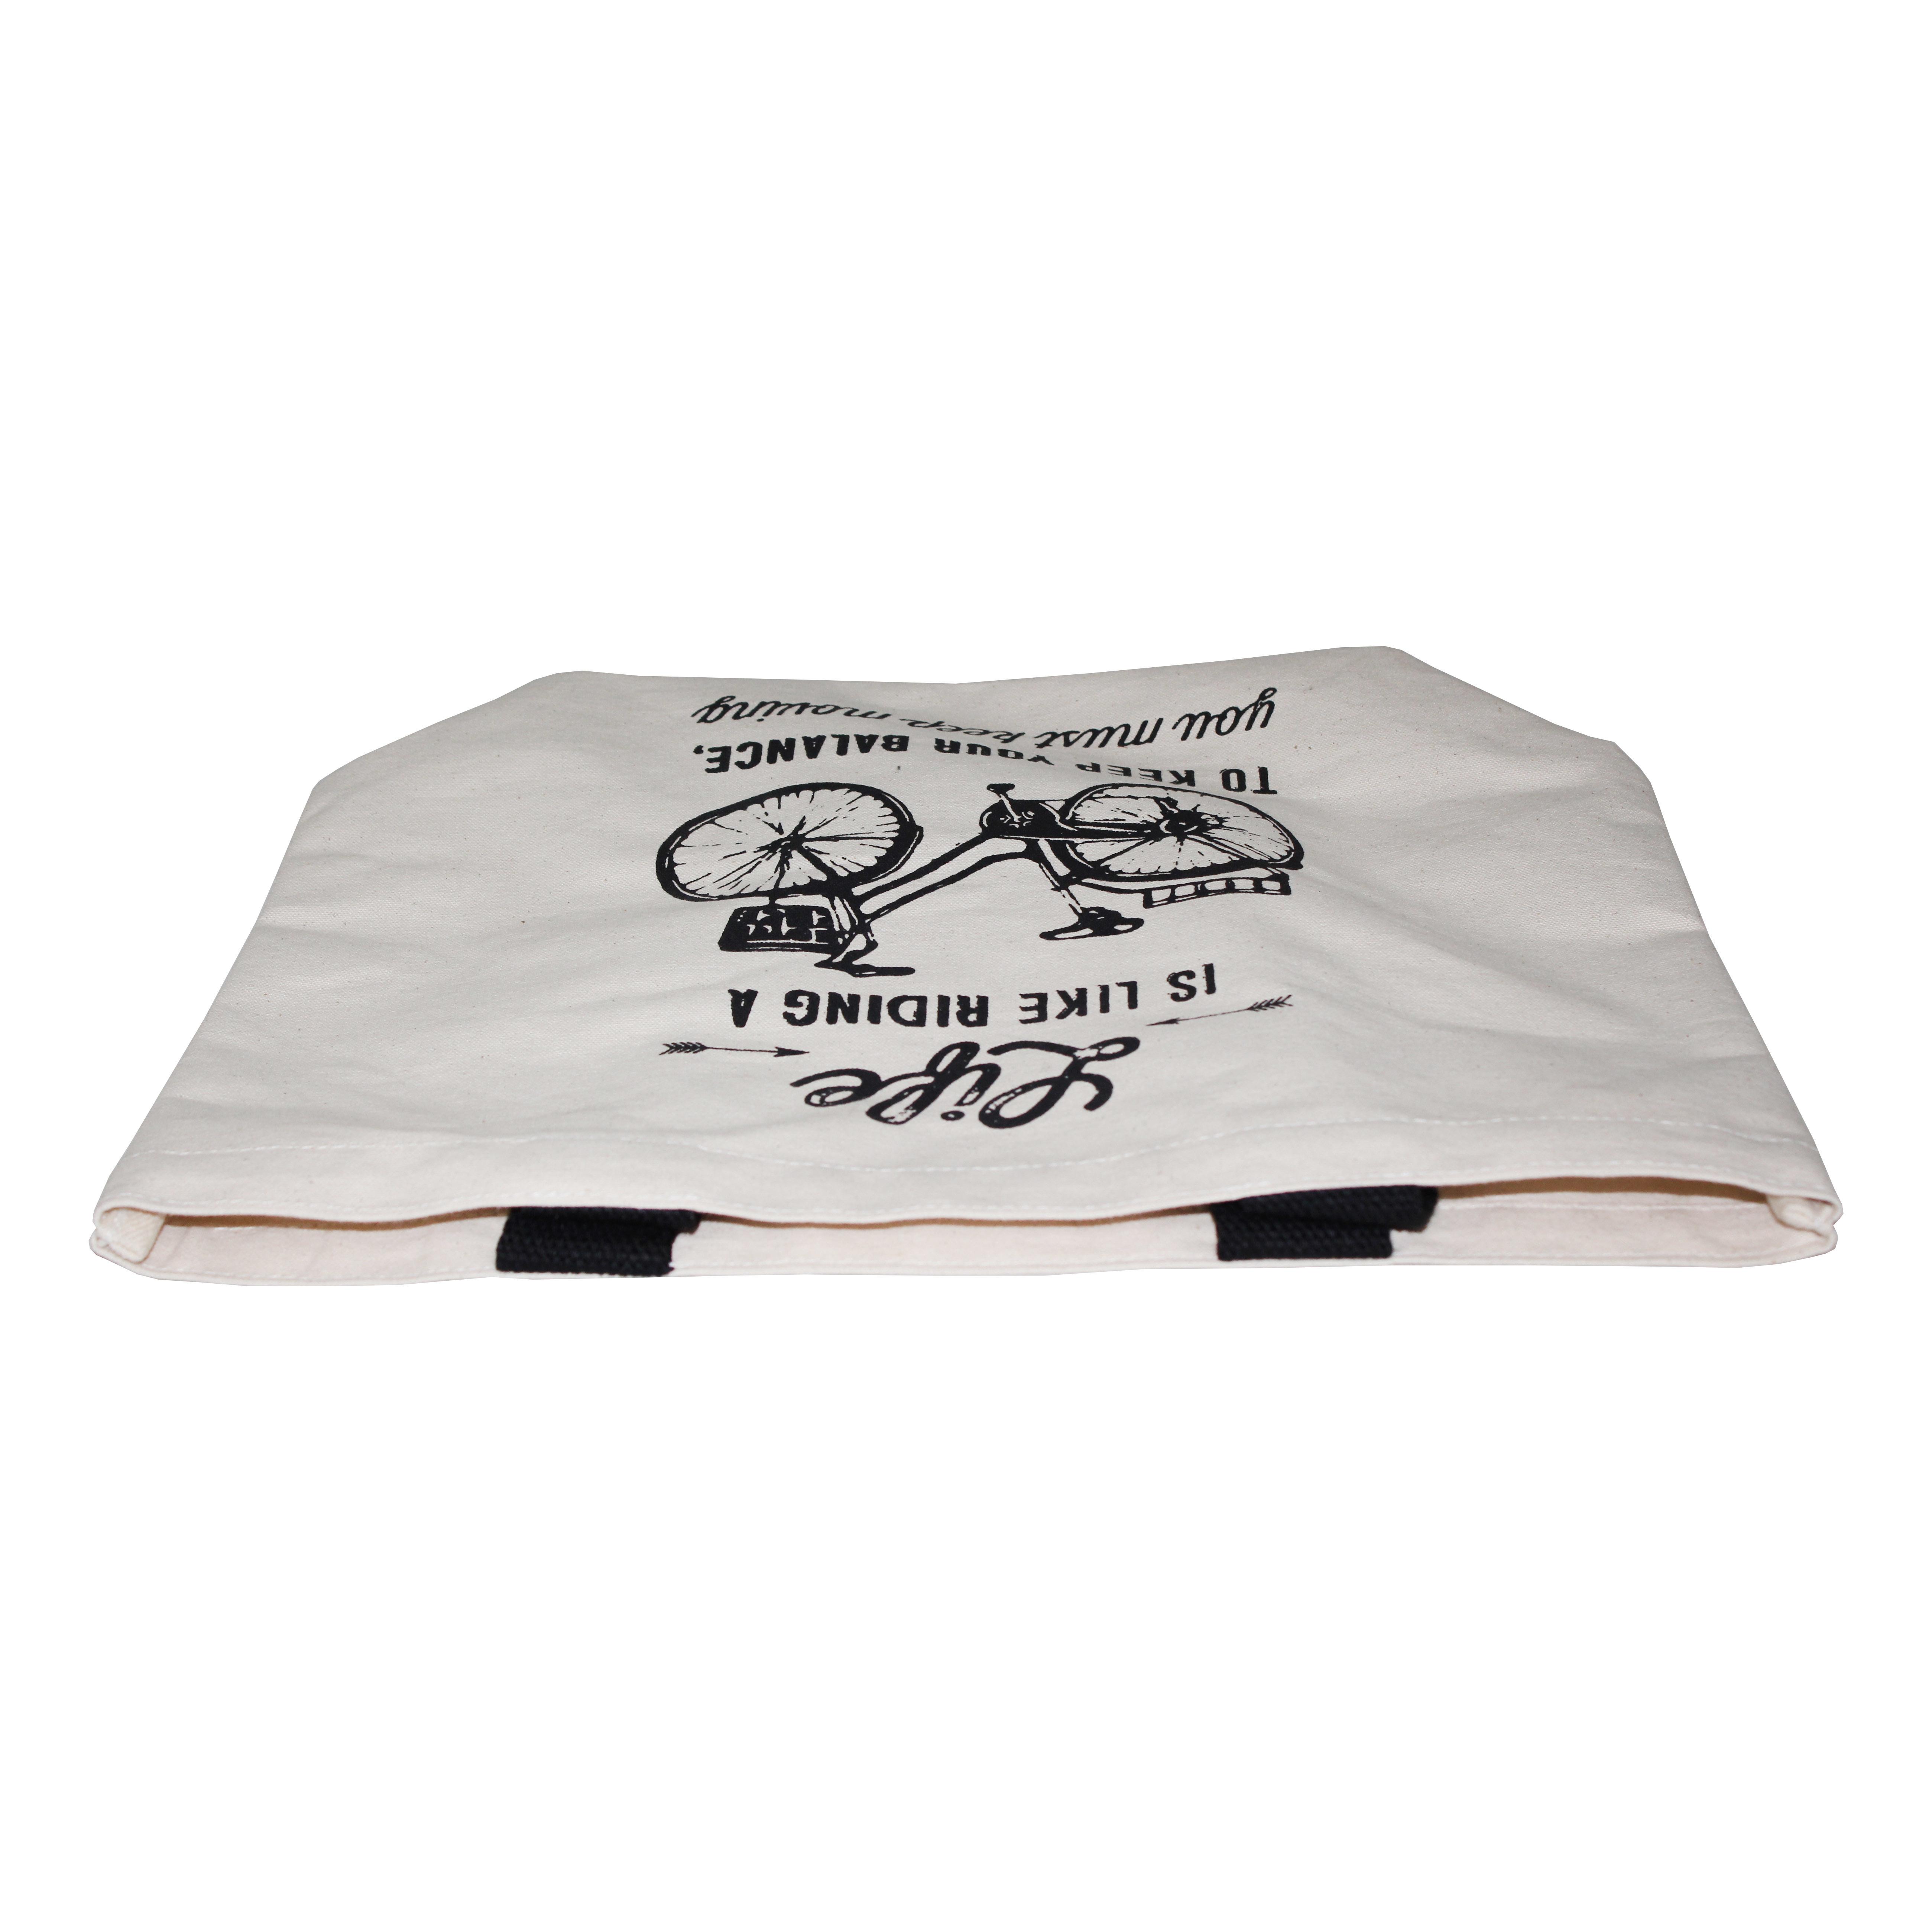 Cotton Web Handle One Color Black Print 12 Oz Natural Canvas Tote Bag